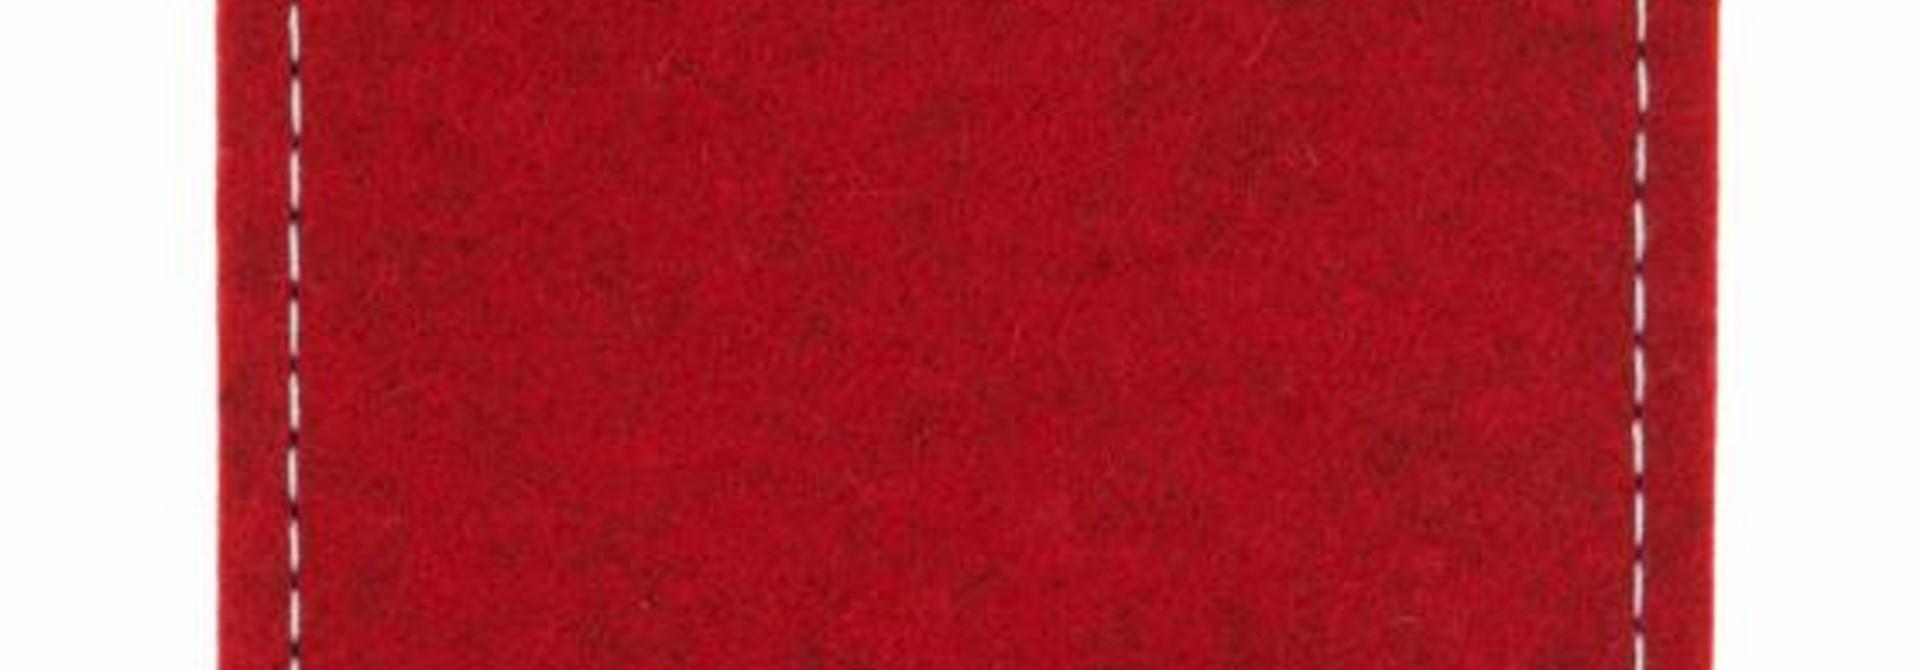 One/Desire Sleeve Cherry